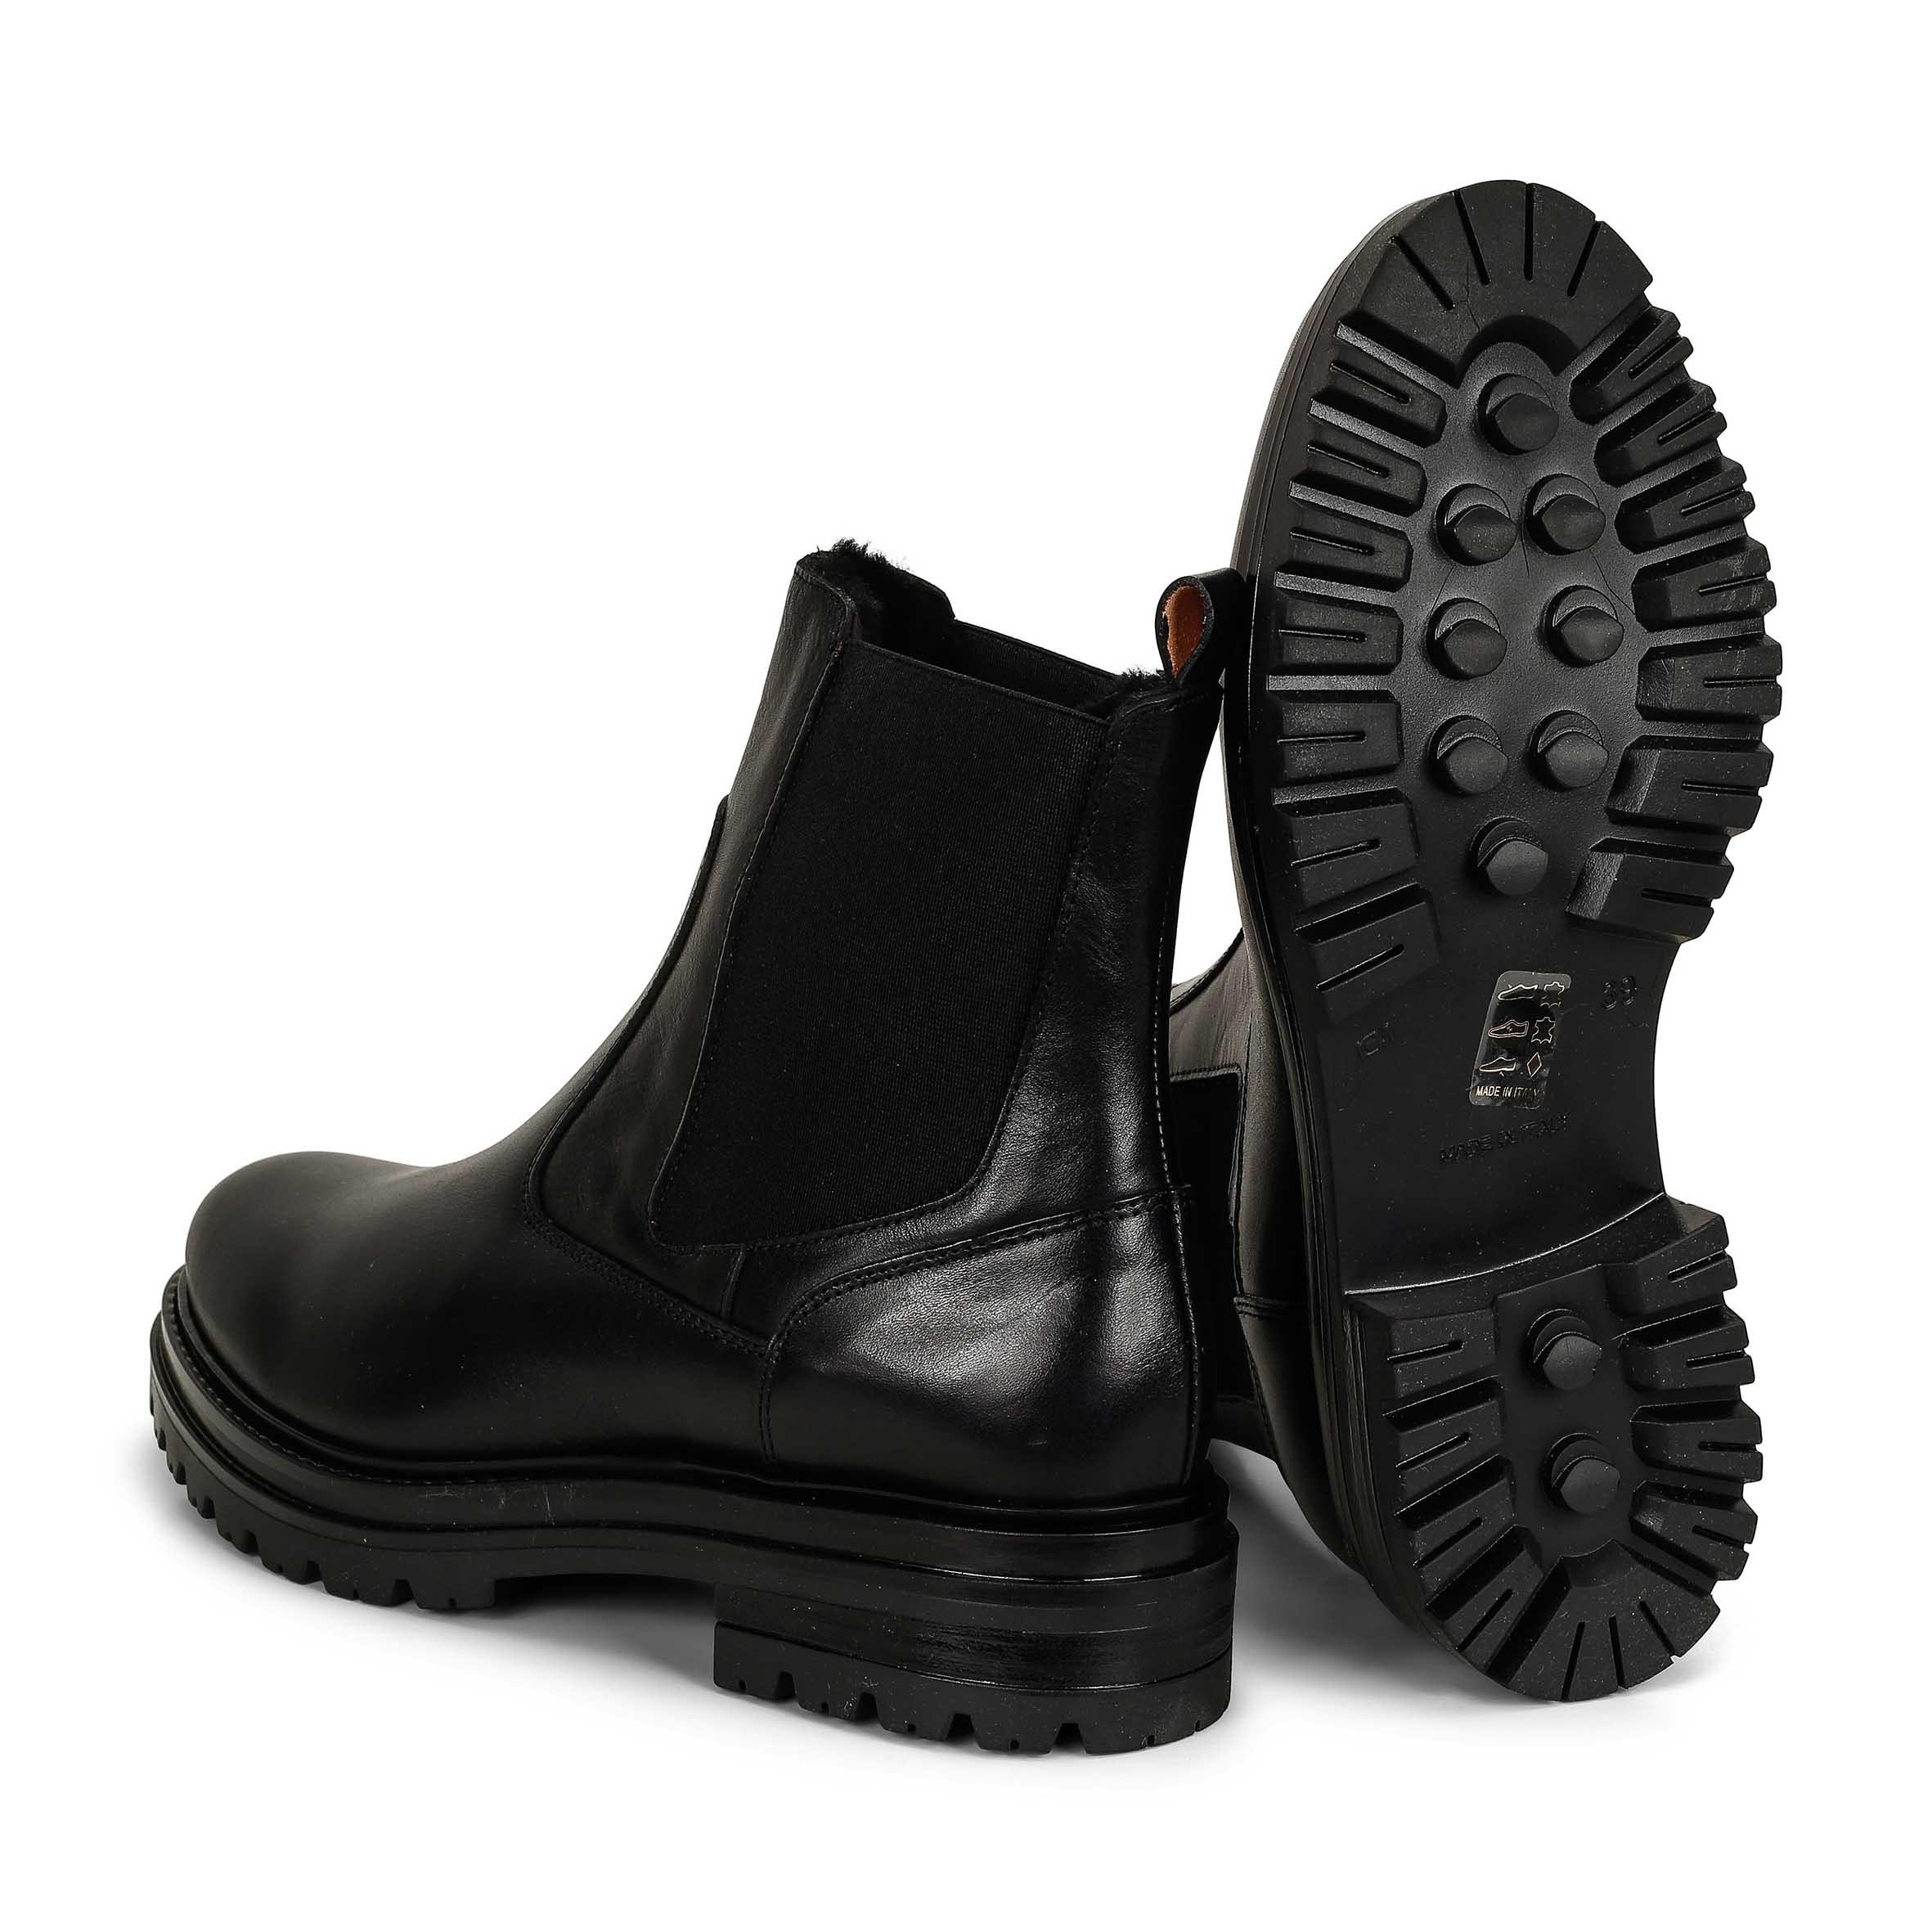 Spalla Negro Boots & støvletter Sko Dame